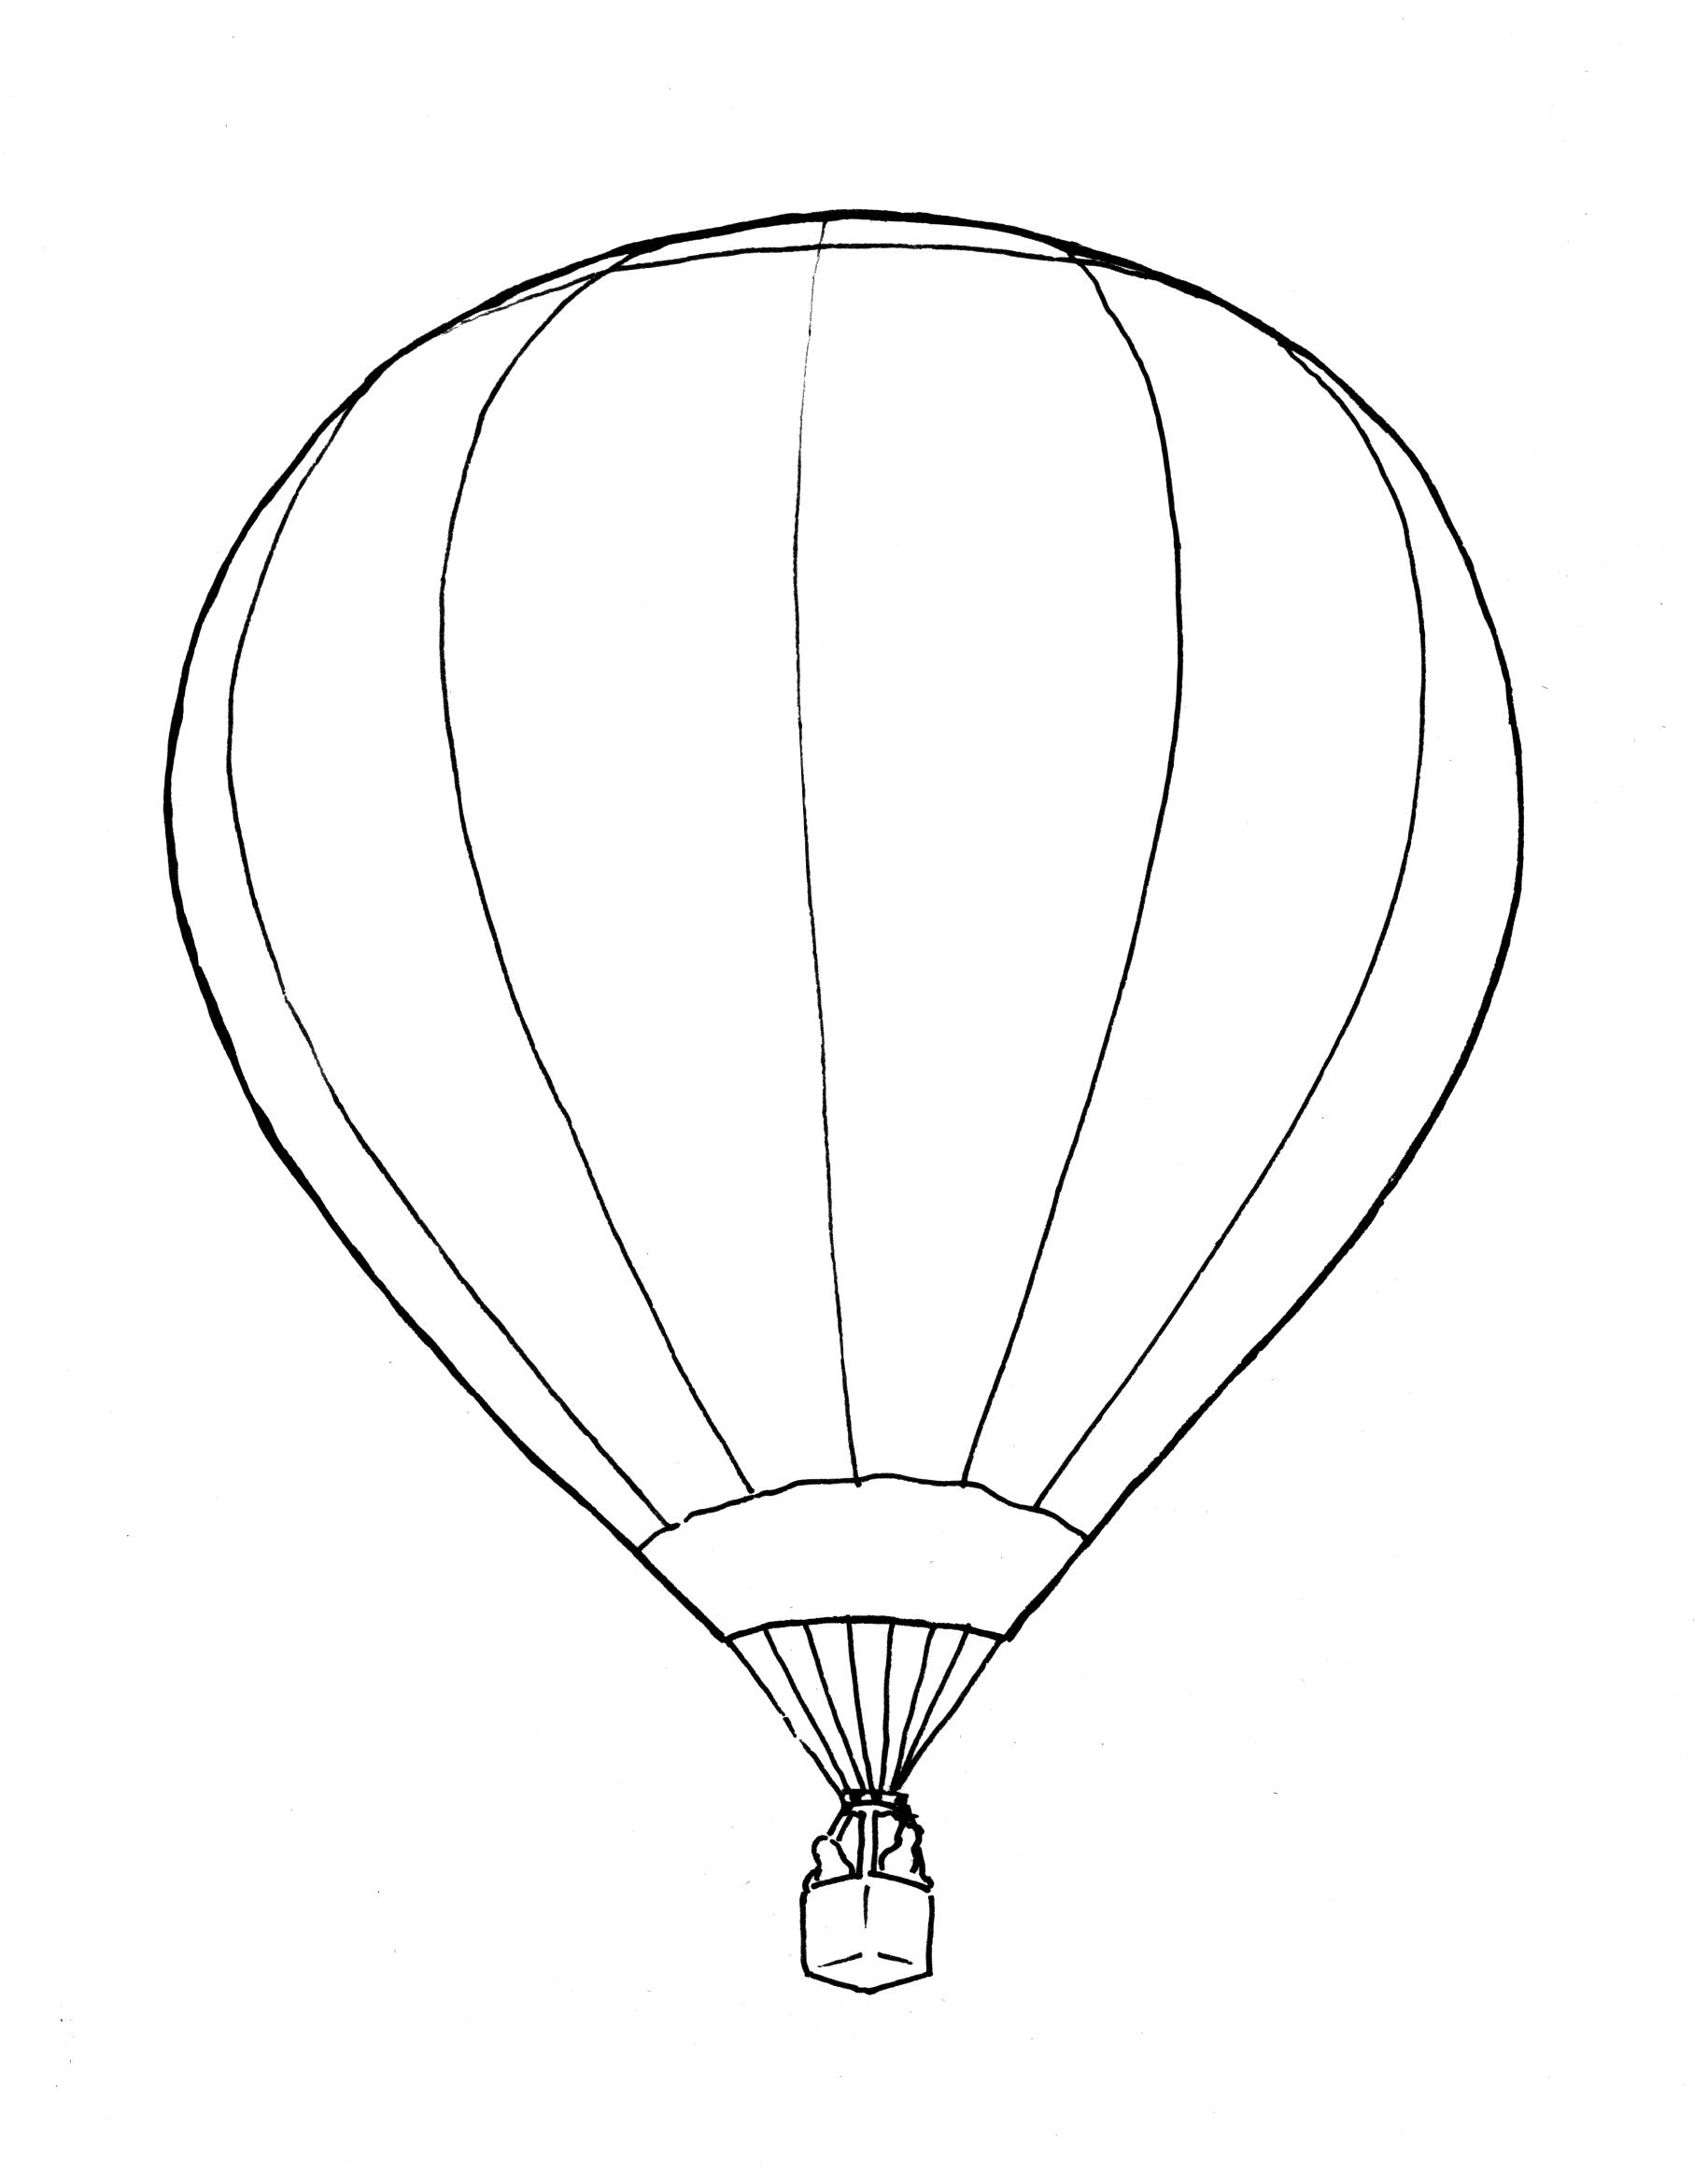 1829x2323 Drawing Of Hot Air Balloon Hot Air Balloon Basket Drawing